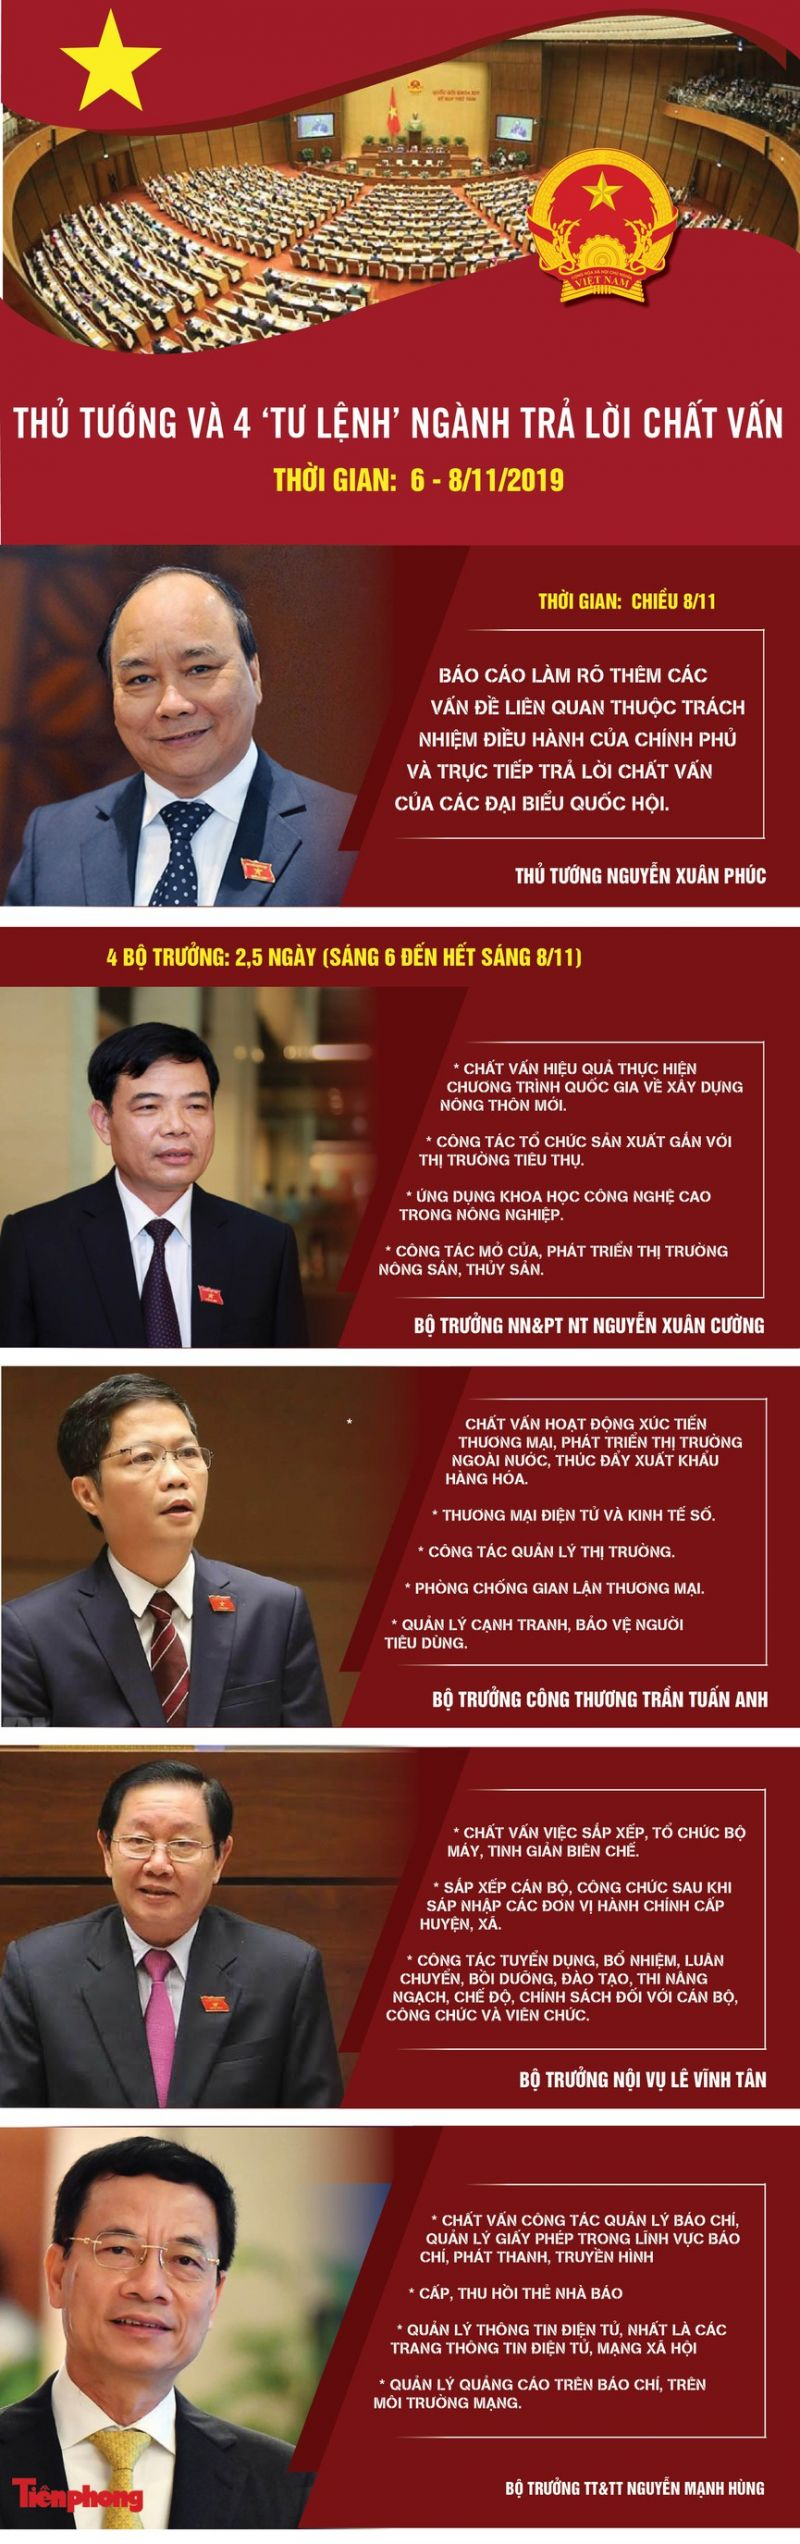 Thủ tướng và 4 'tư lệnh' ngành trả lời chất vấn